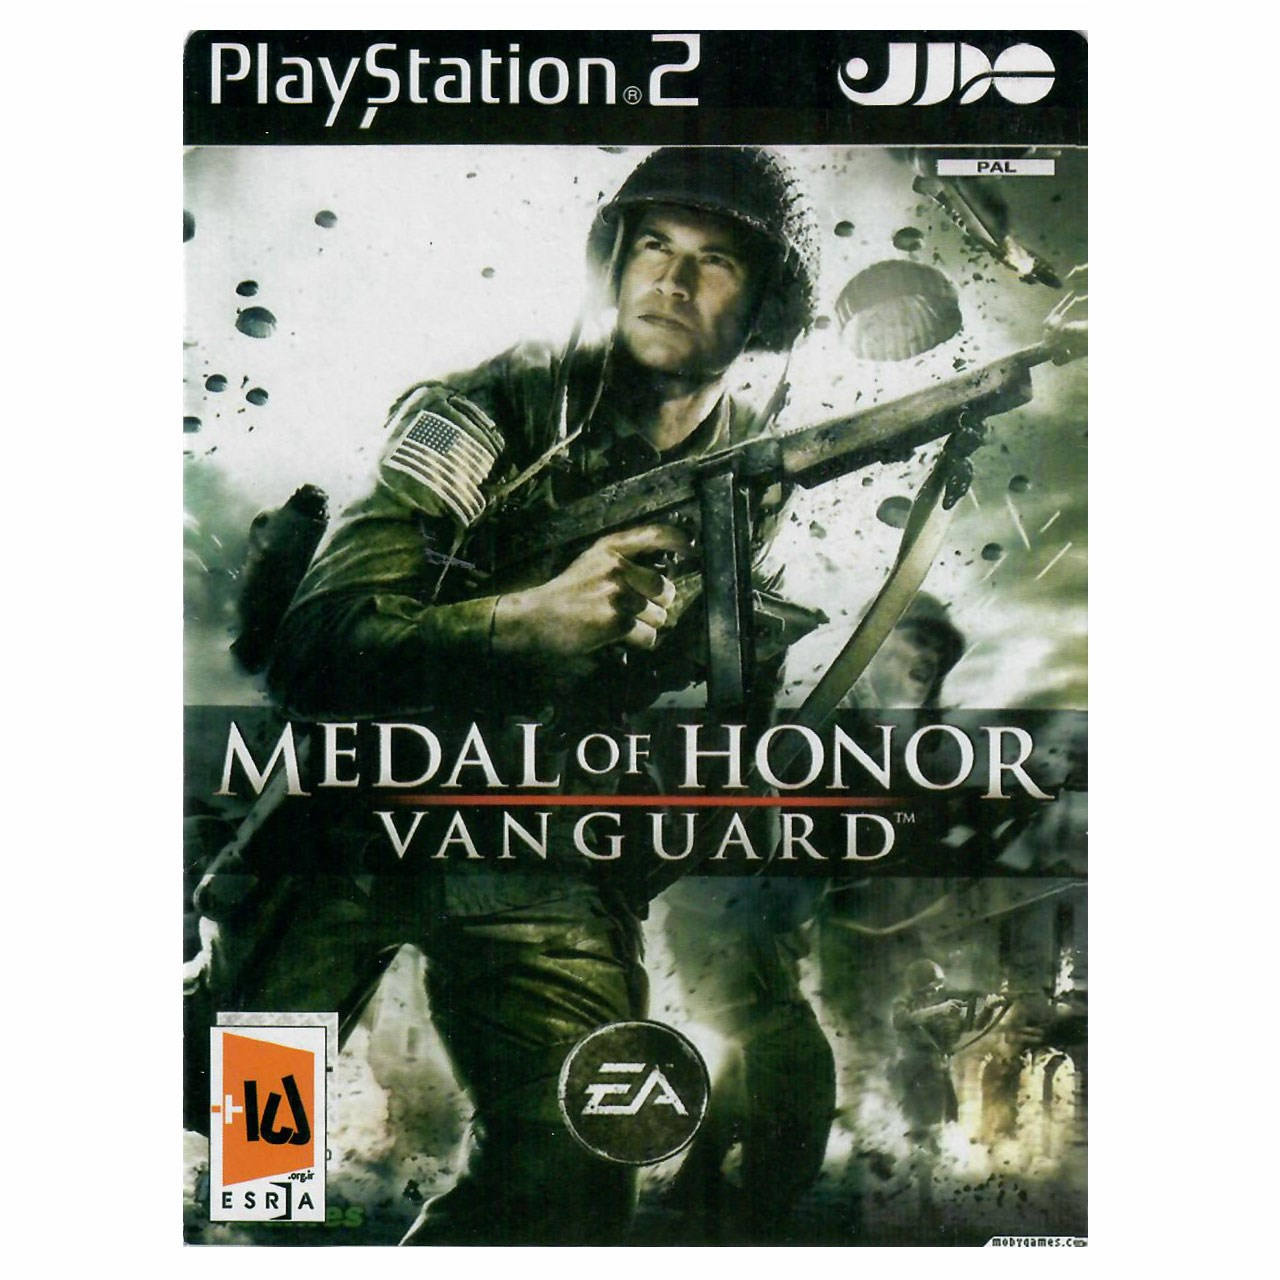 بازی Medal of Honor Vanguard مخصوص PS2